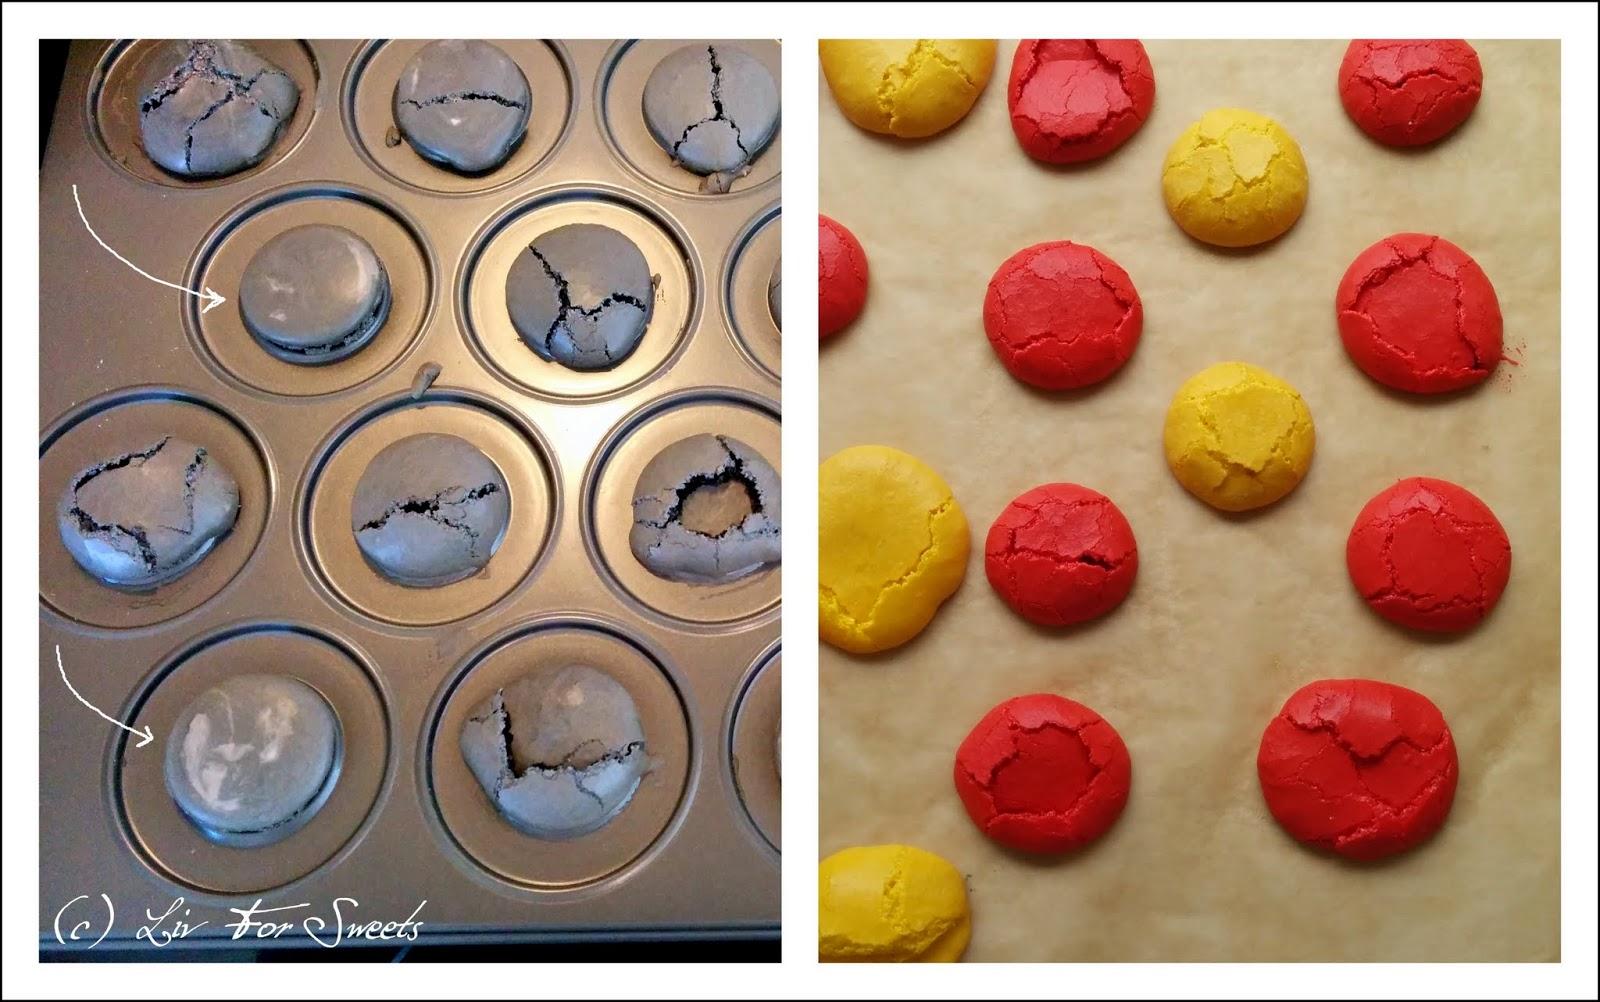 fertige kaputte Macarons in schwarz, rot und gold / gelb